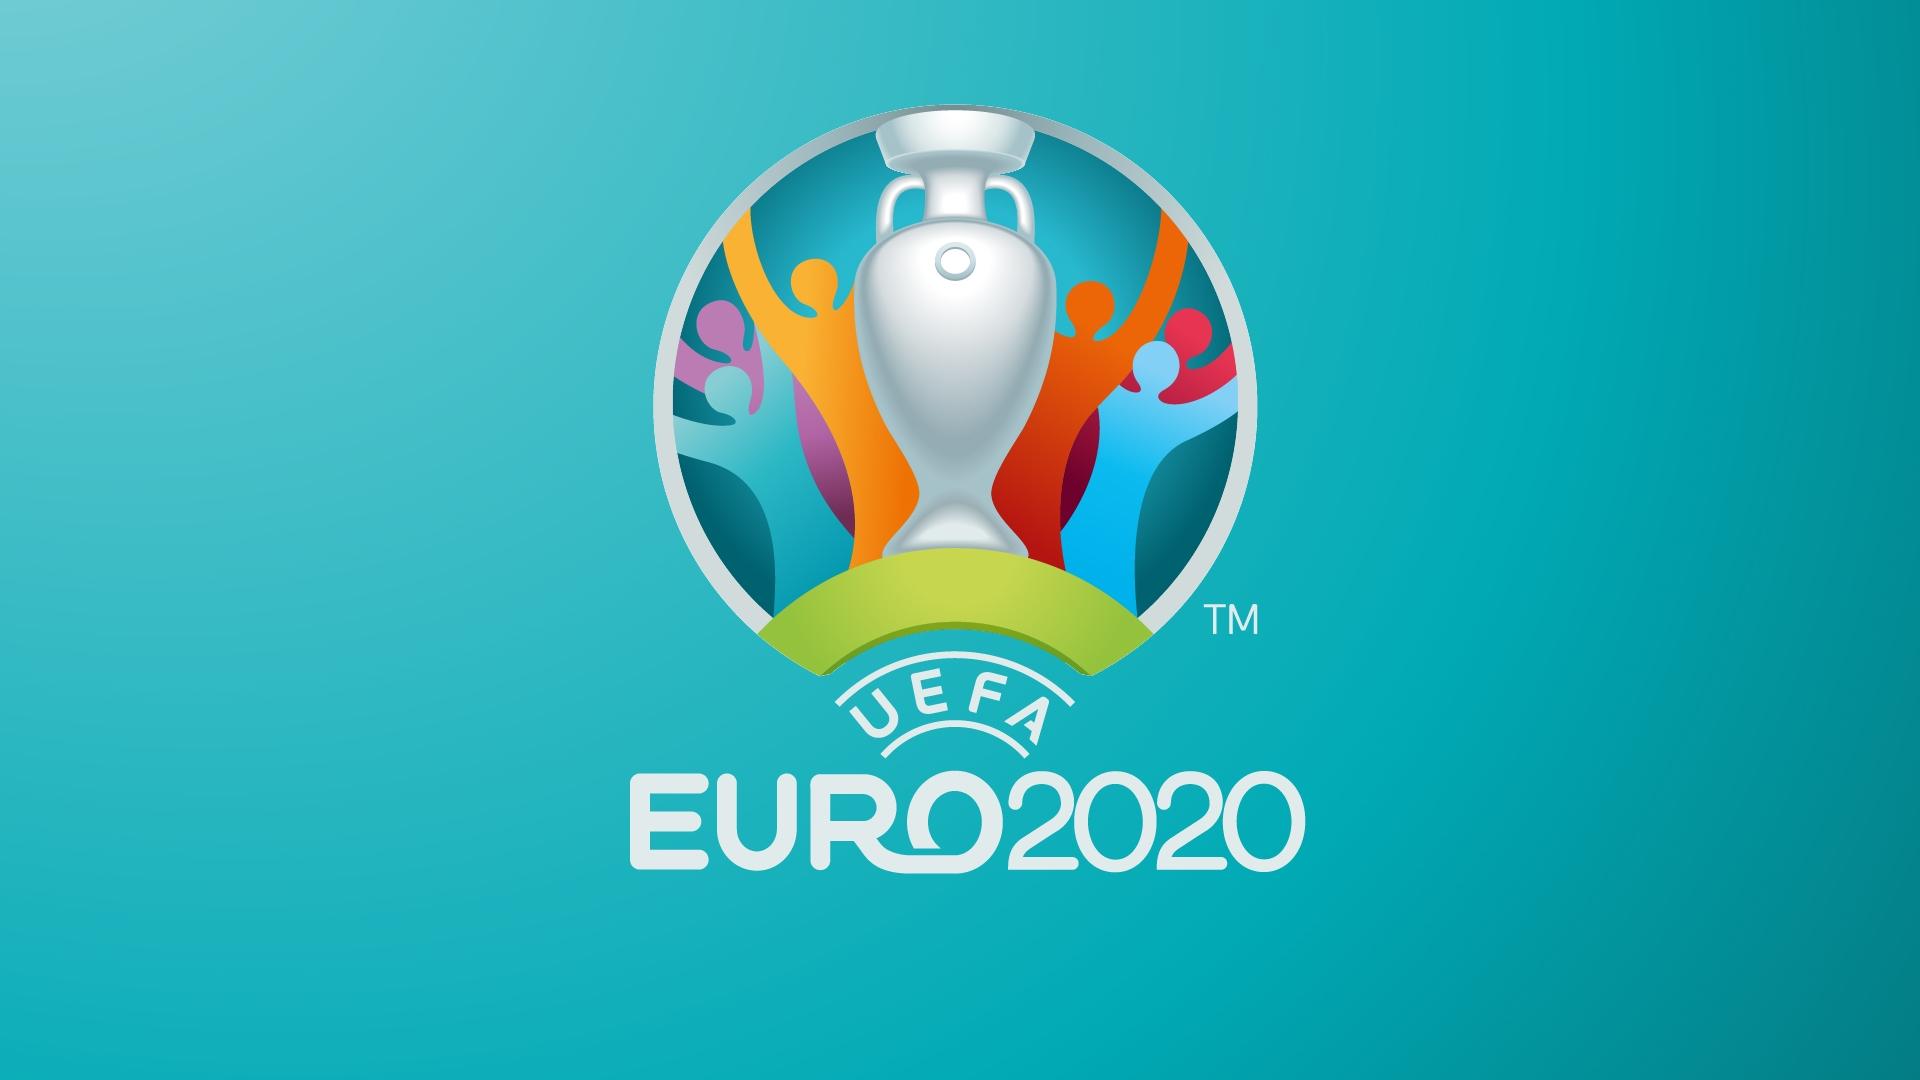 Inilah Live Score Terbaru Euro 2020!